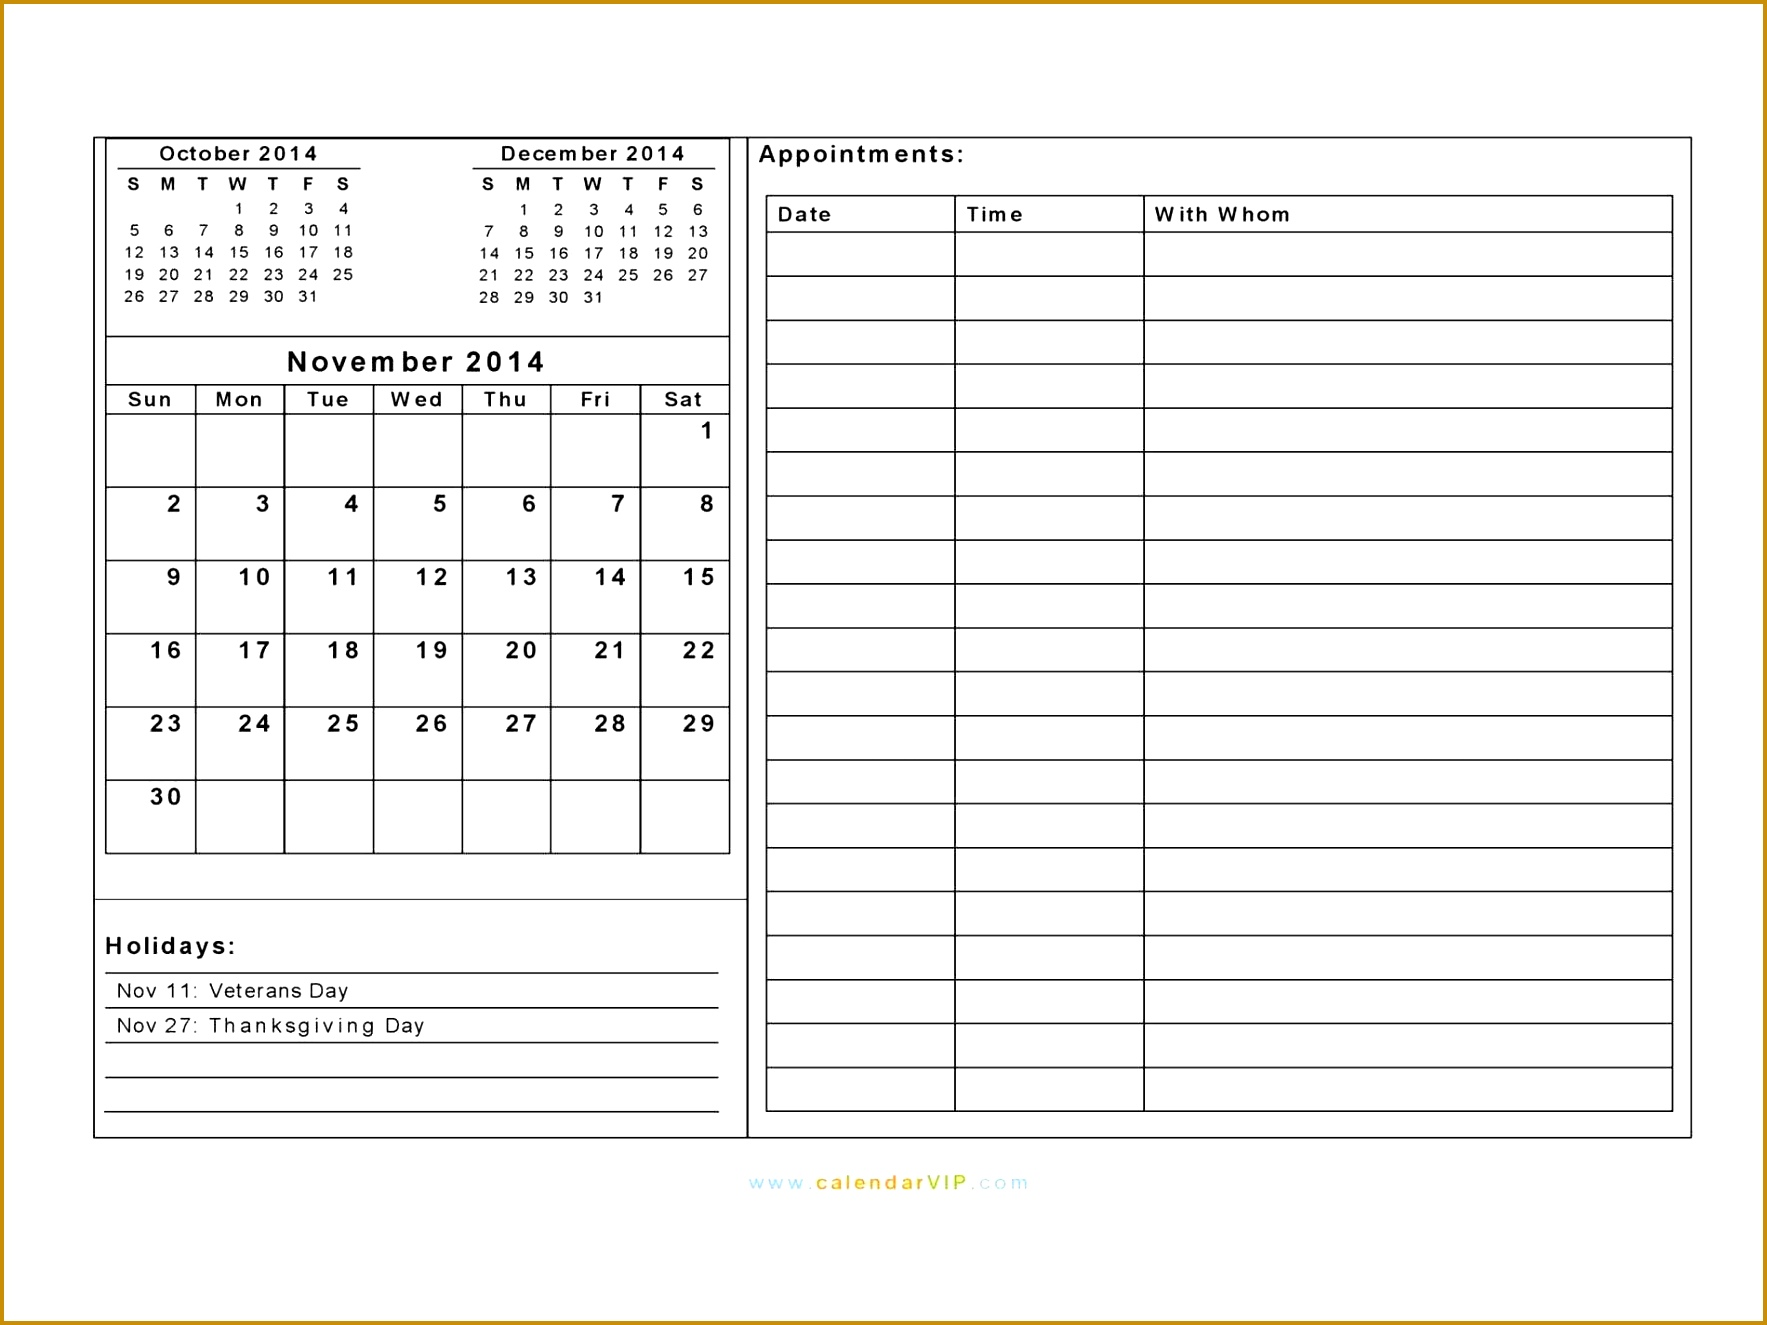 7 Monthly Sign Up Sheet Template FabTemplatez FabTemplatez Monthly Sign Up  Sheet Template 32457 100 Thanksgiving  Monthly Sign Up Sheet Template